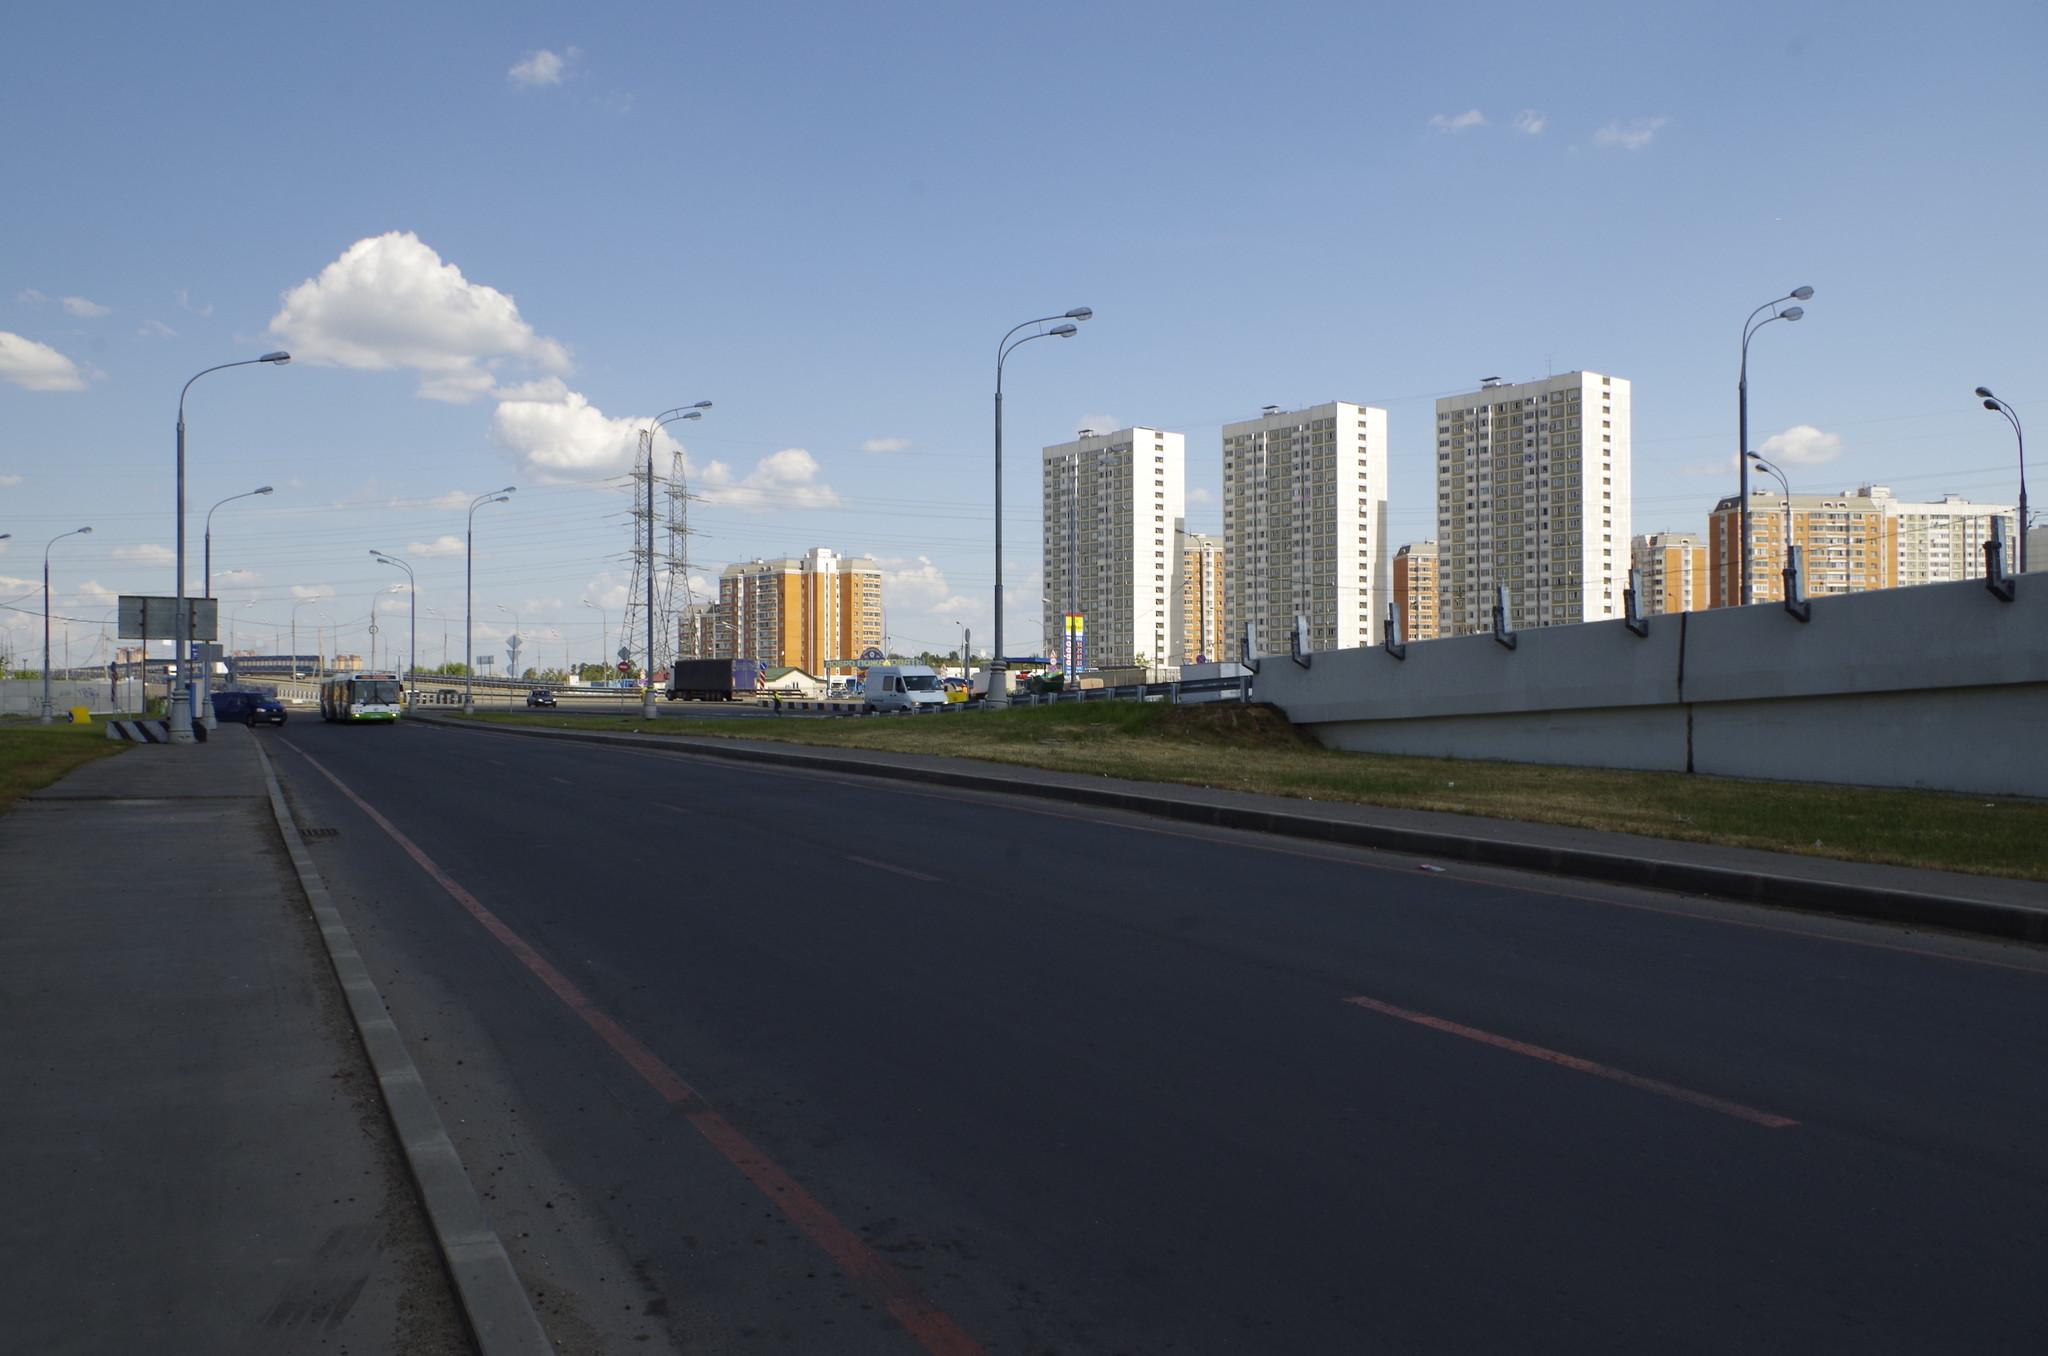 Дмитровское шоссе в районе Северный